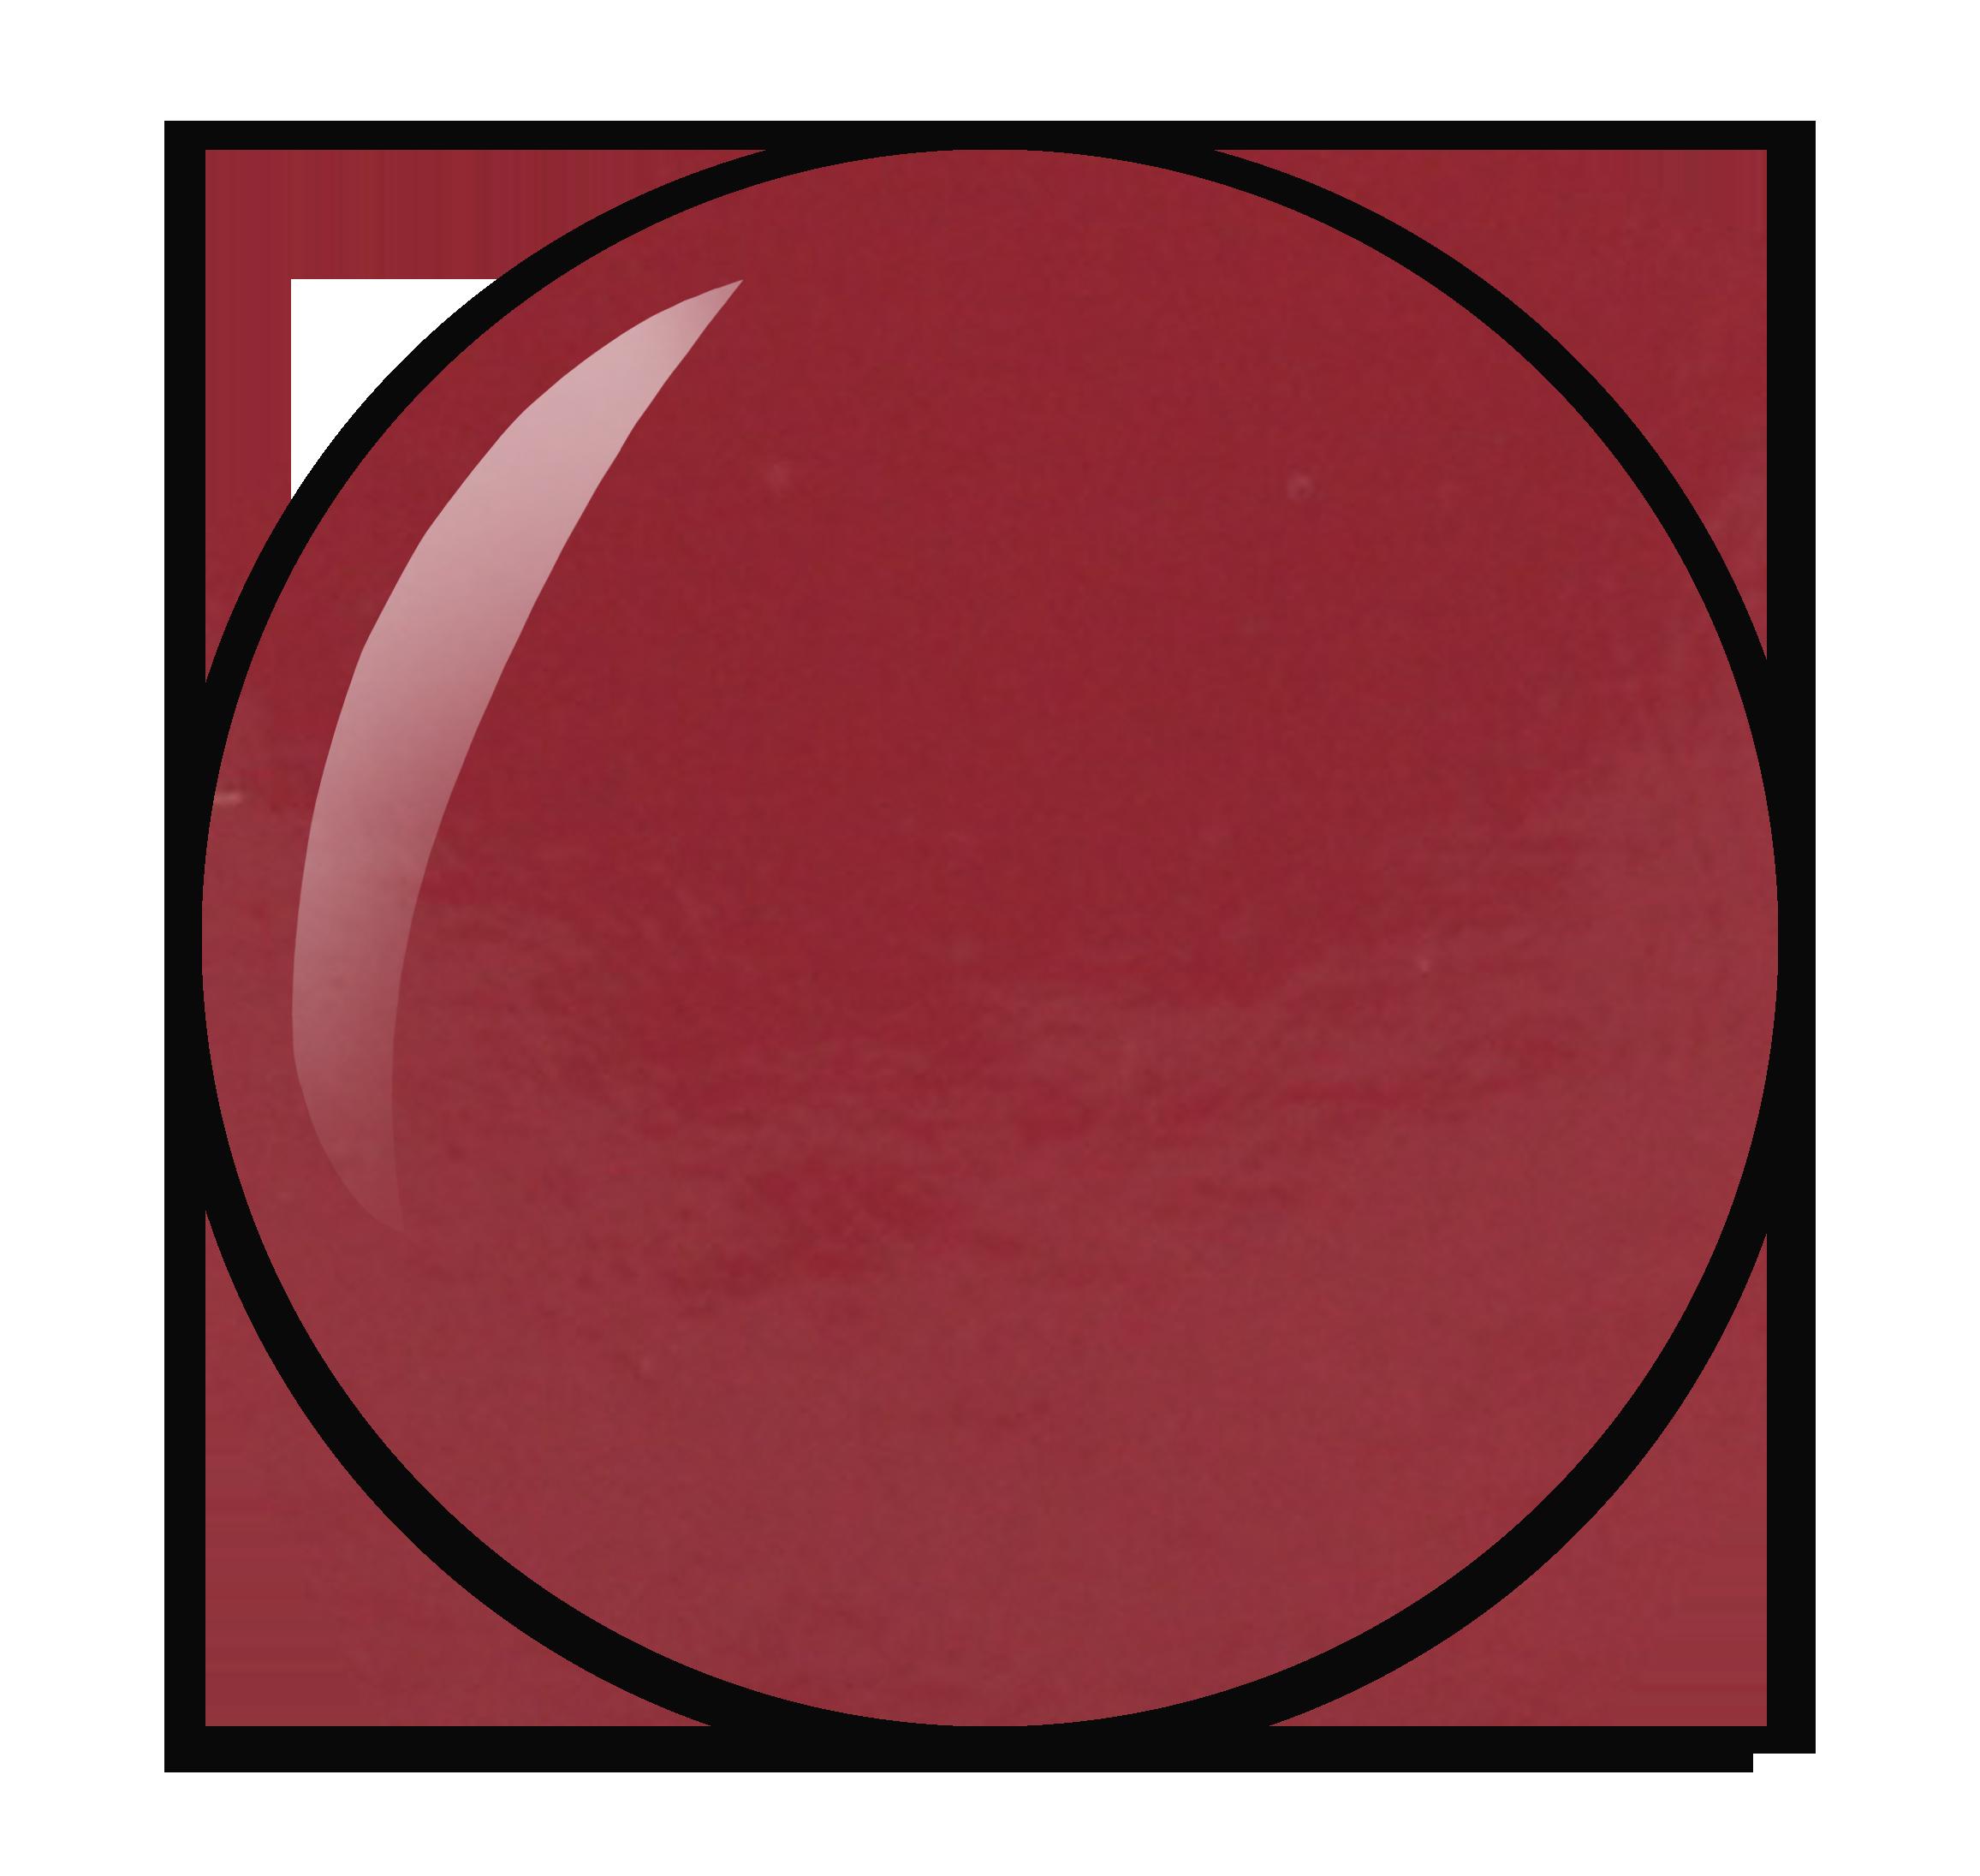 Roze nagellak nummer 105 van Herôme nagellak collectie